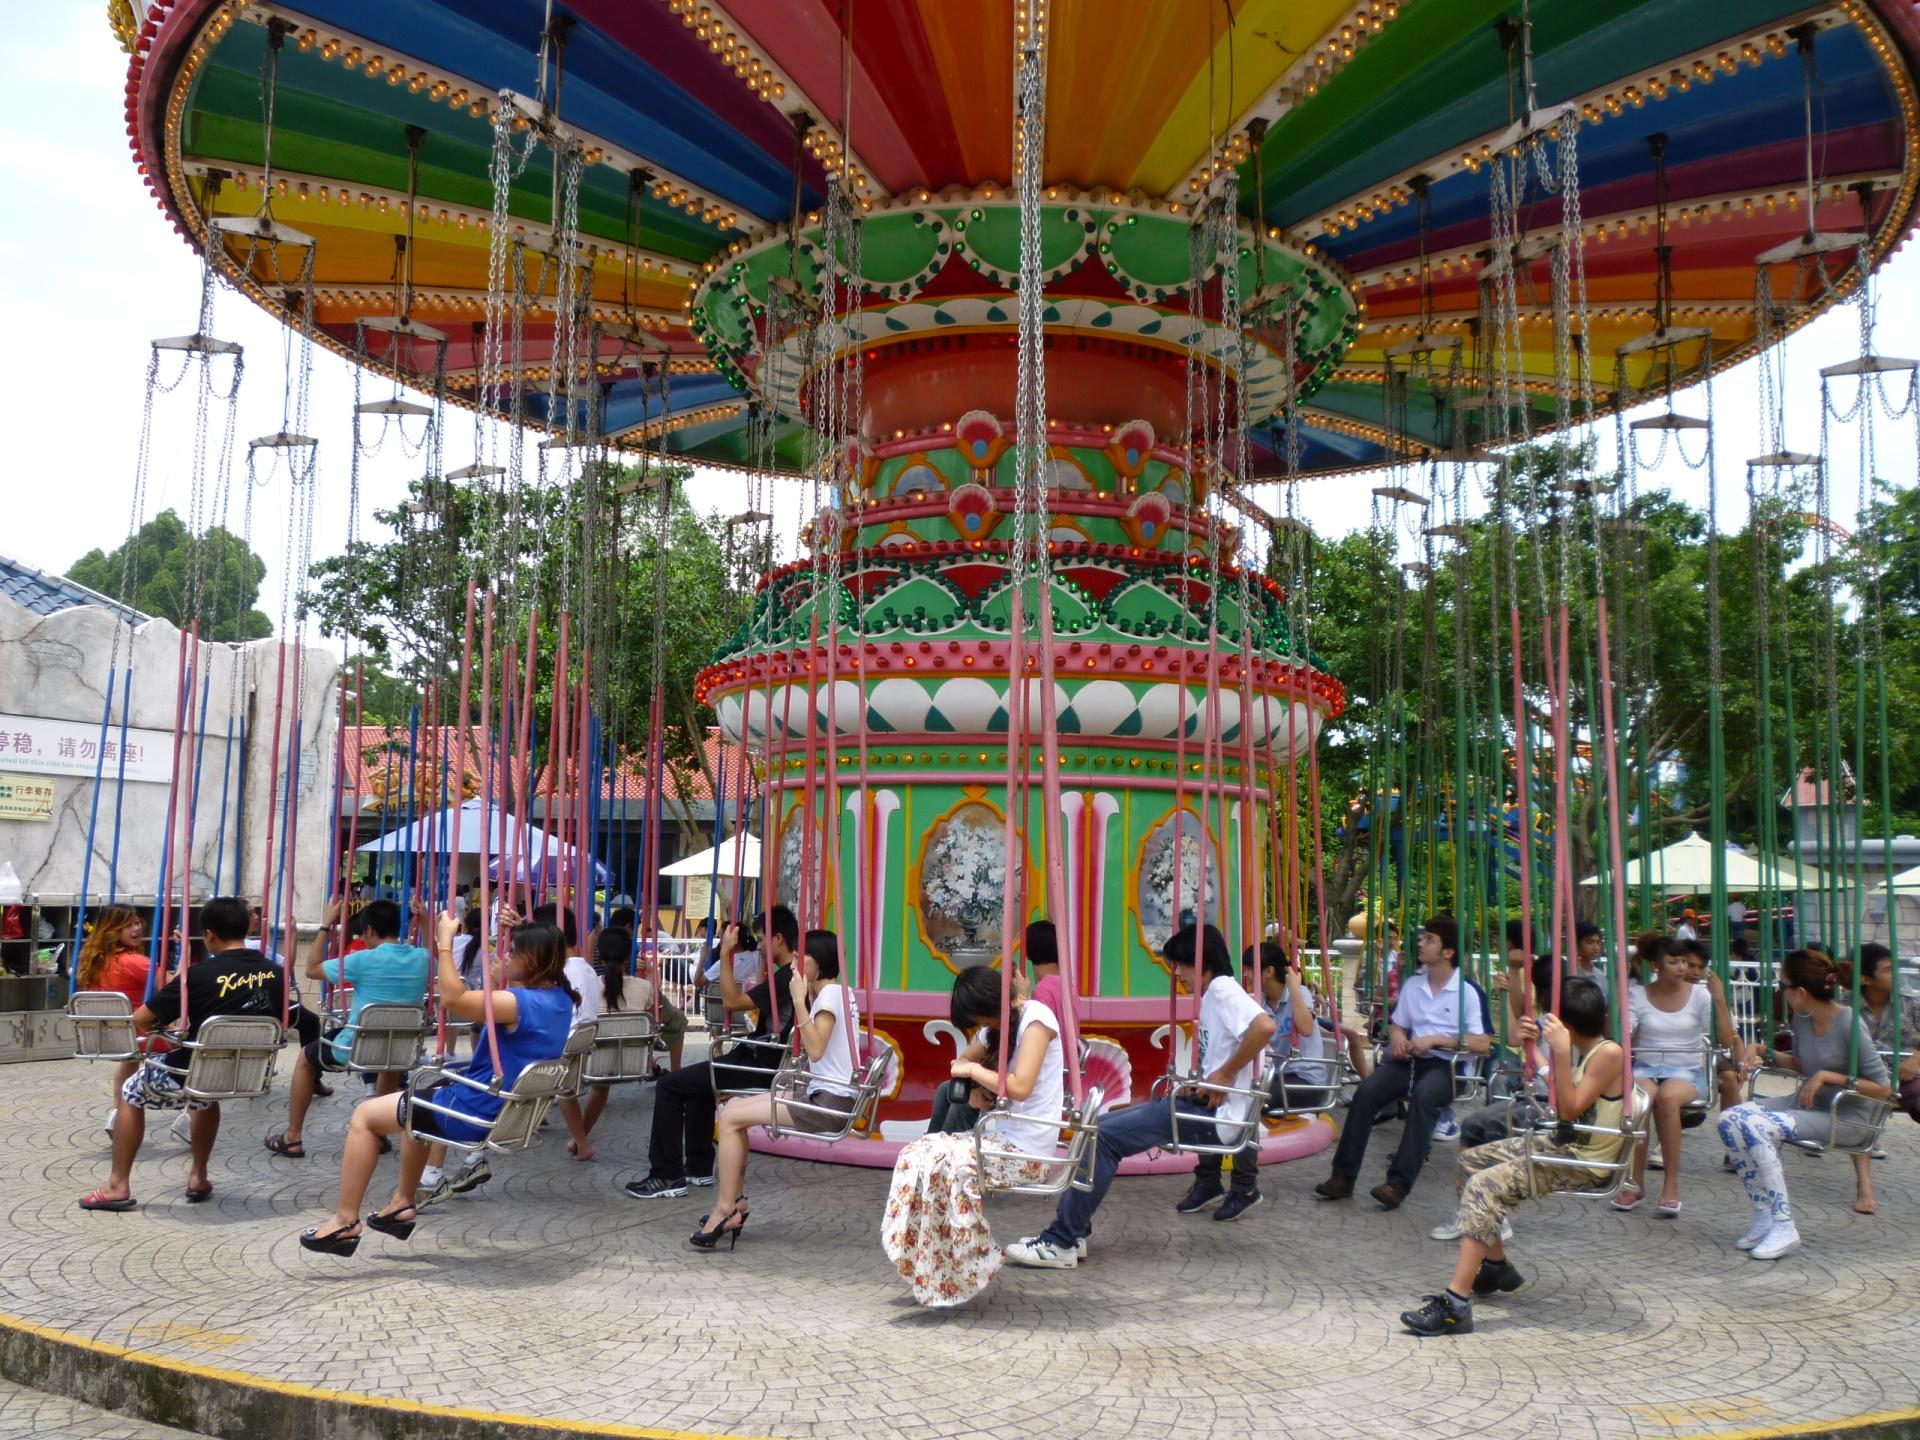 2020大洋飓风飞椅儿童游乐设备 公园旋转升降24座豪华飞椅游乐项目游艺设施厂家示例图13